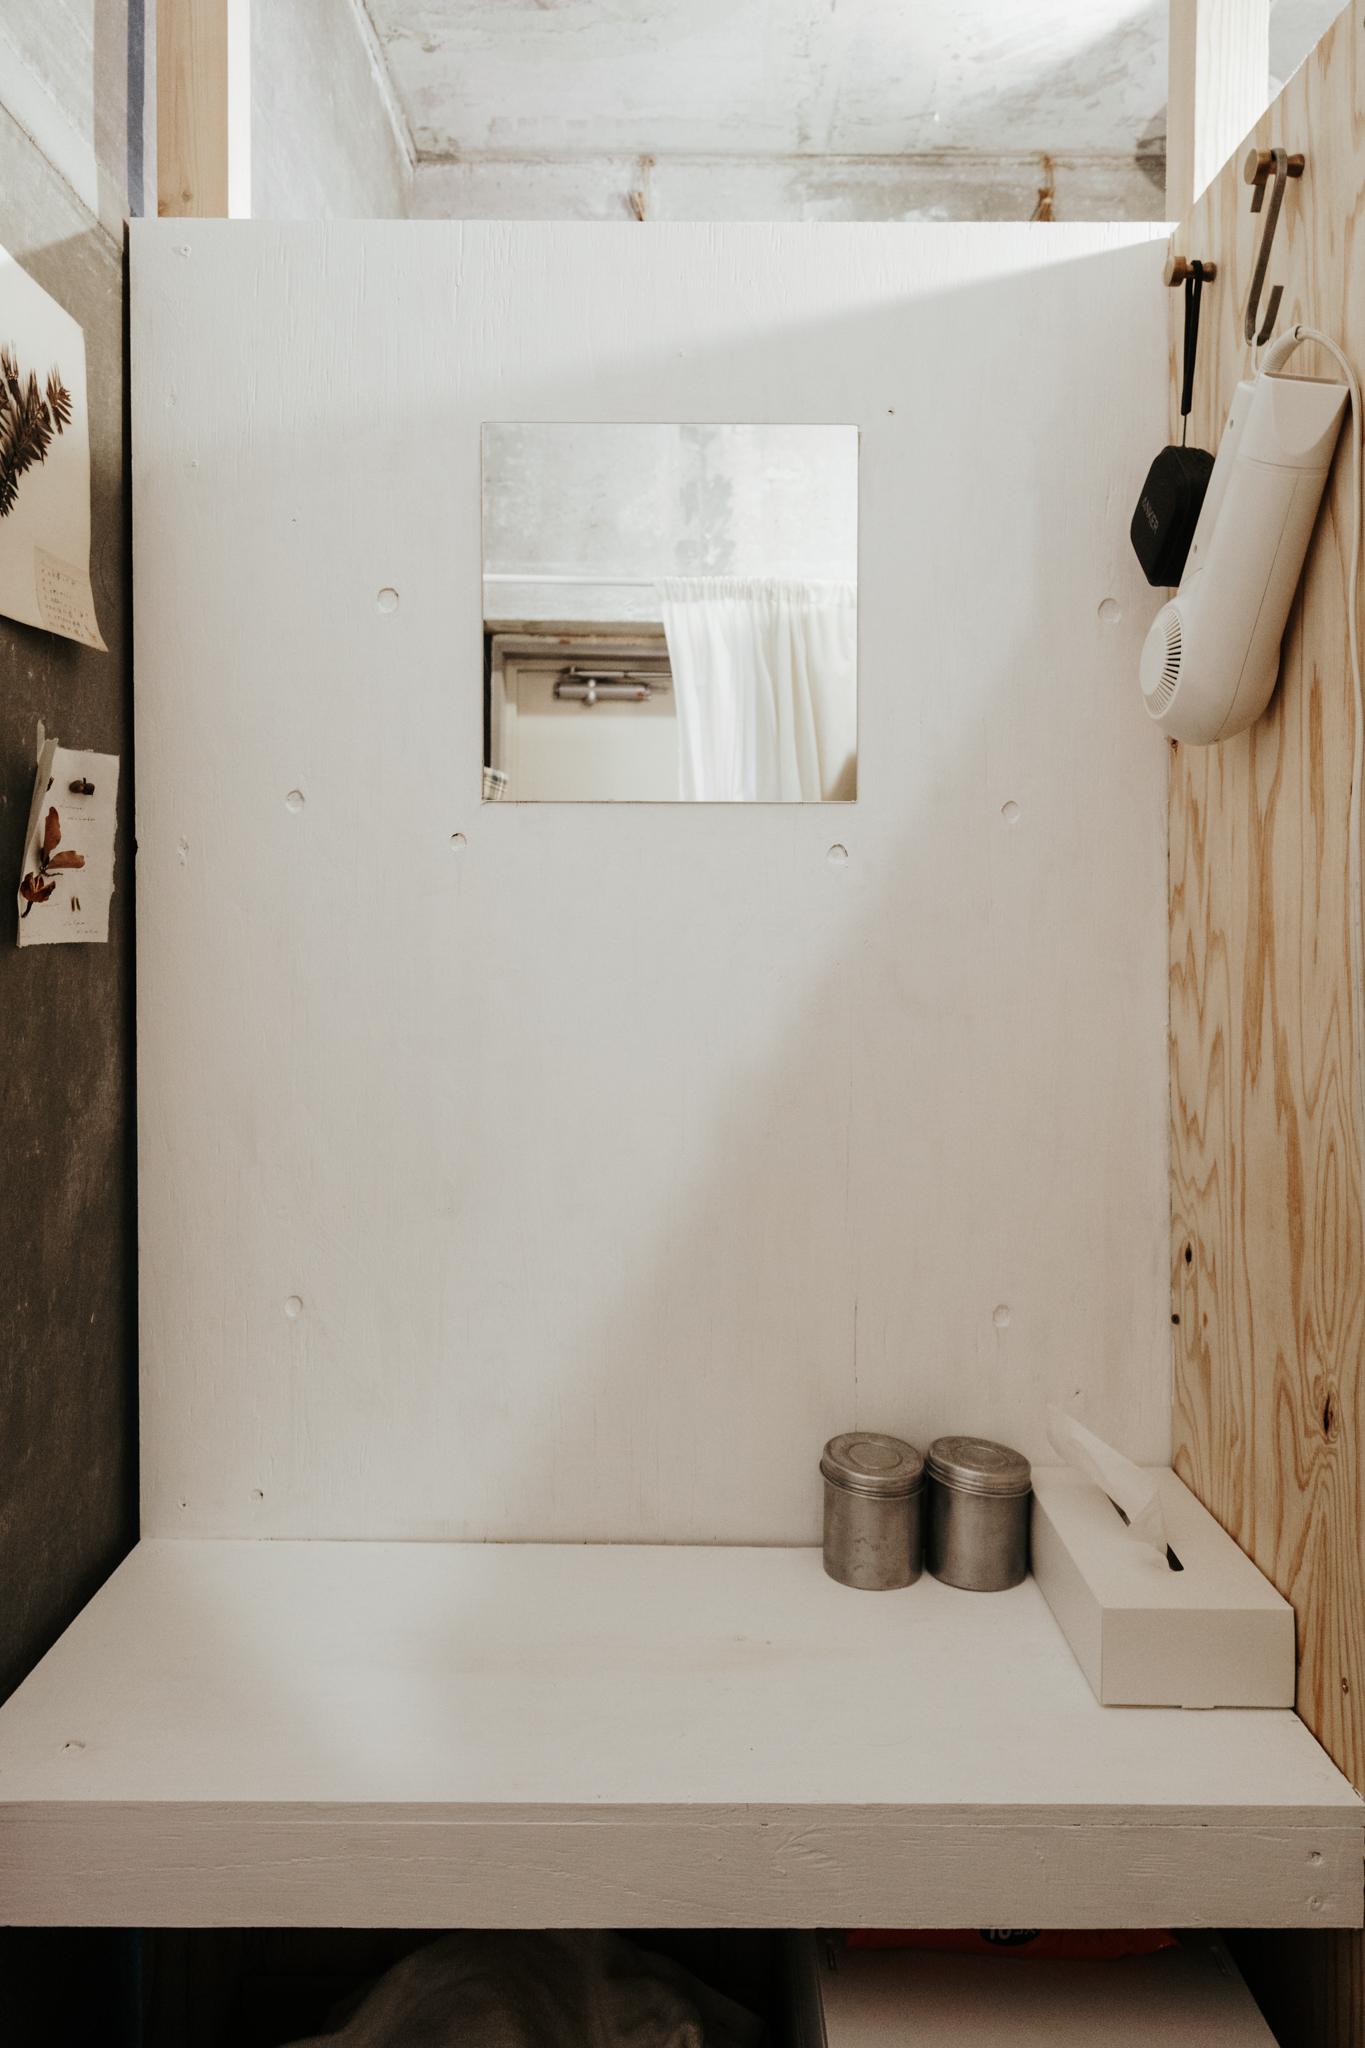 「内側はまだ途中」とのことでしたが、まるで洗面台のようなスペースができていて、感動。脱衣所って、自分で作れるんだ…!